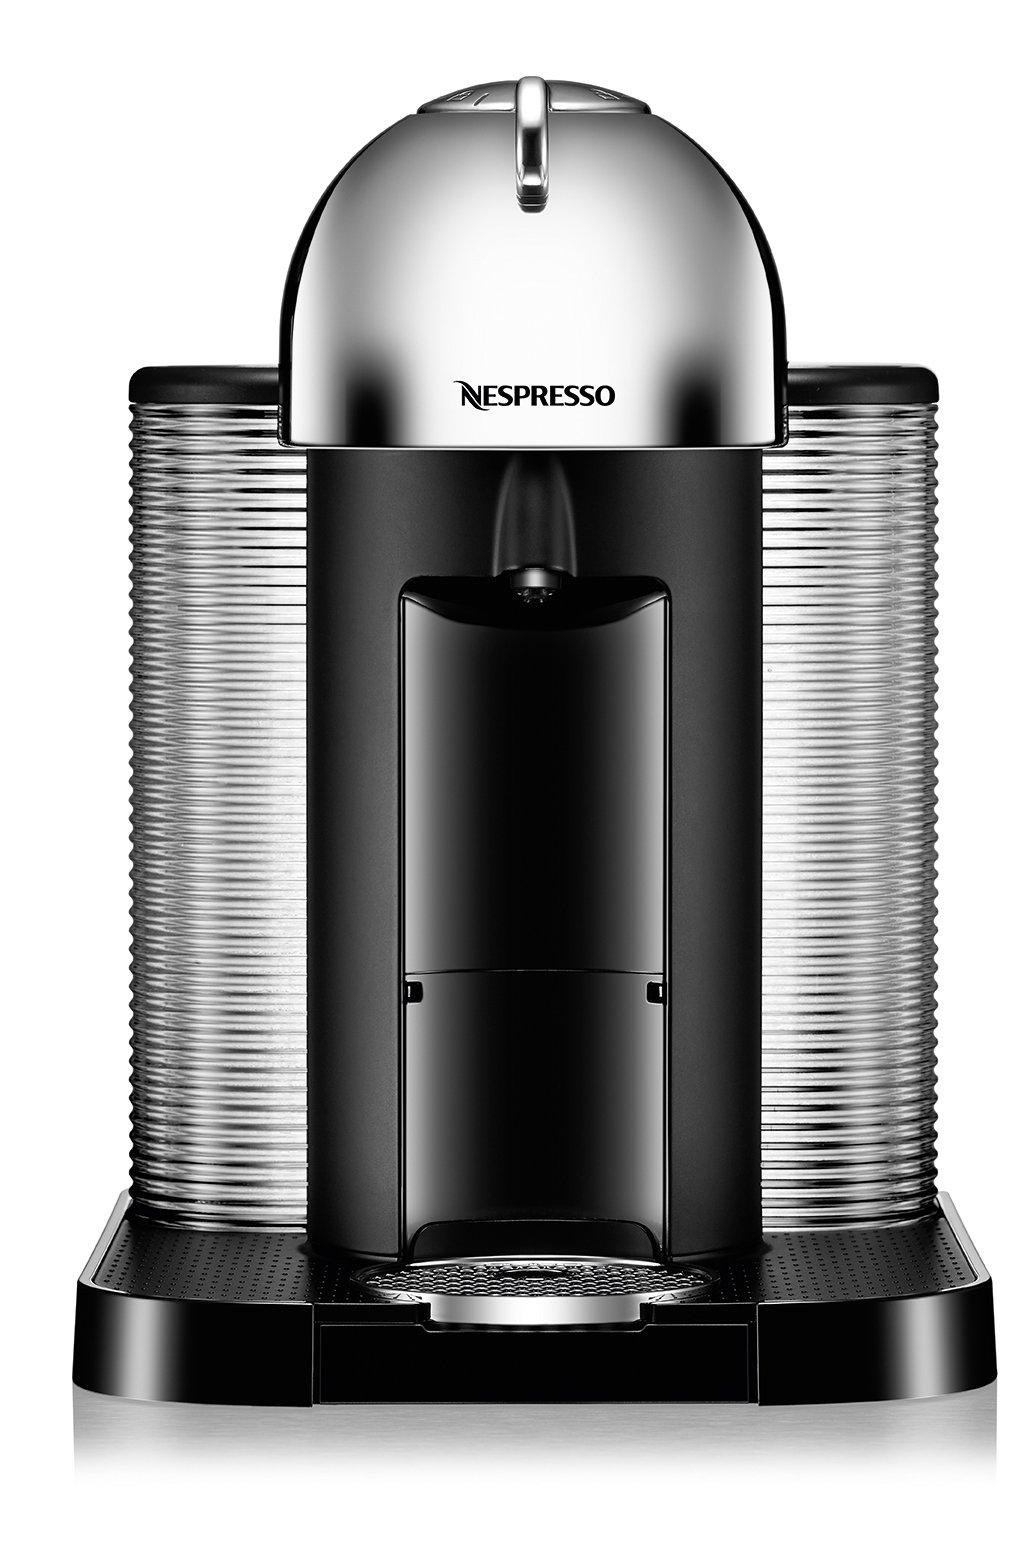 Nespresso Vertuo Coffee and Espresso Machine by Breville with Aeroccino, Chrome by Breville (Image #2)